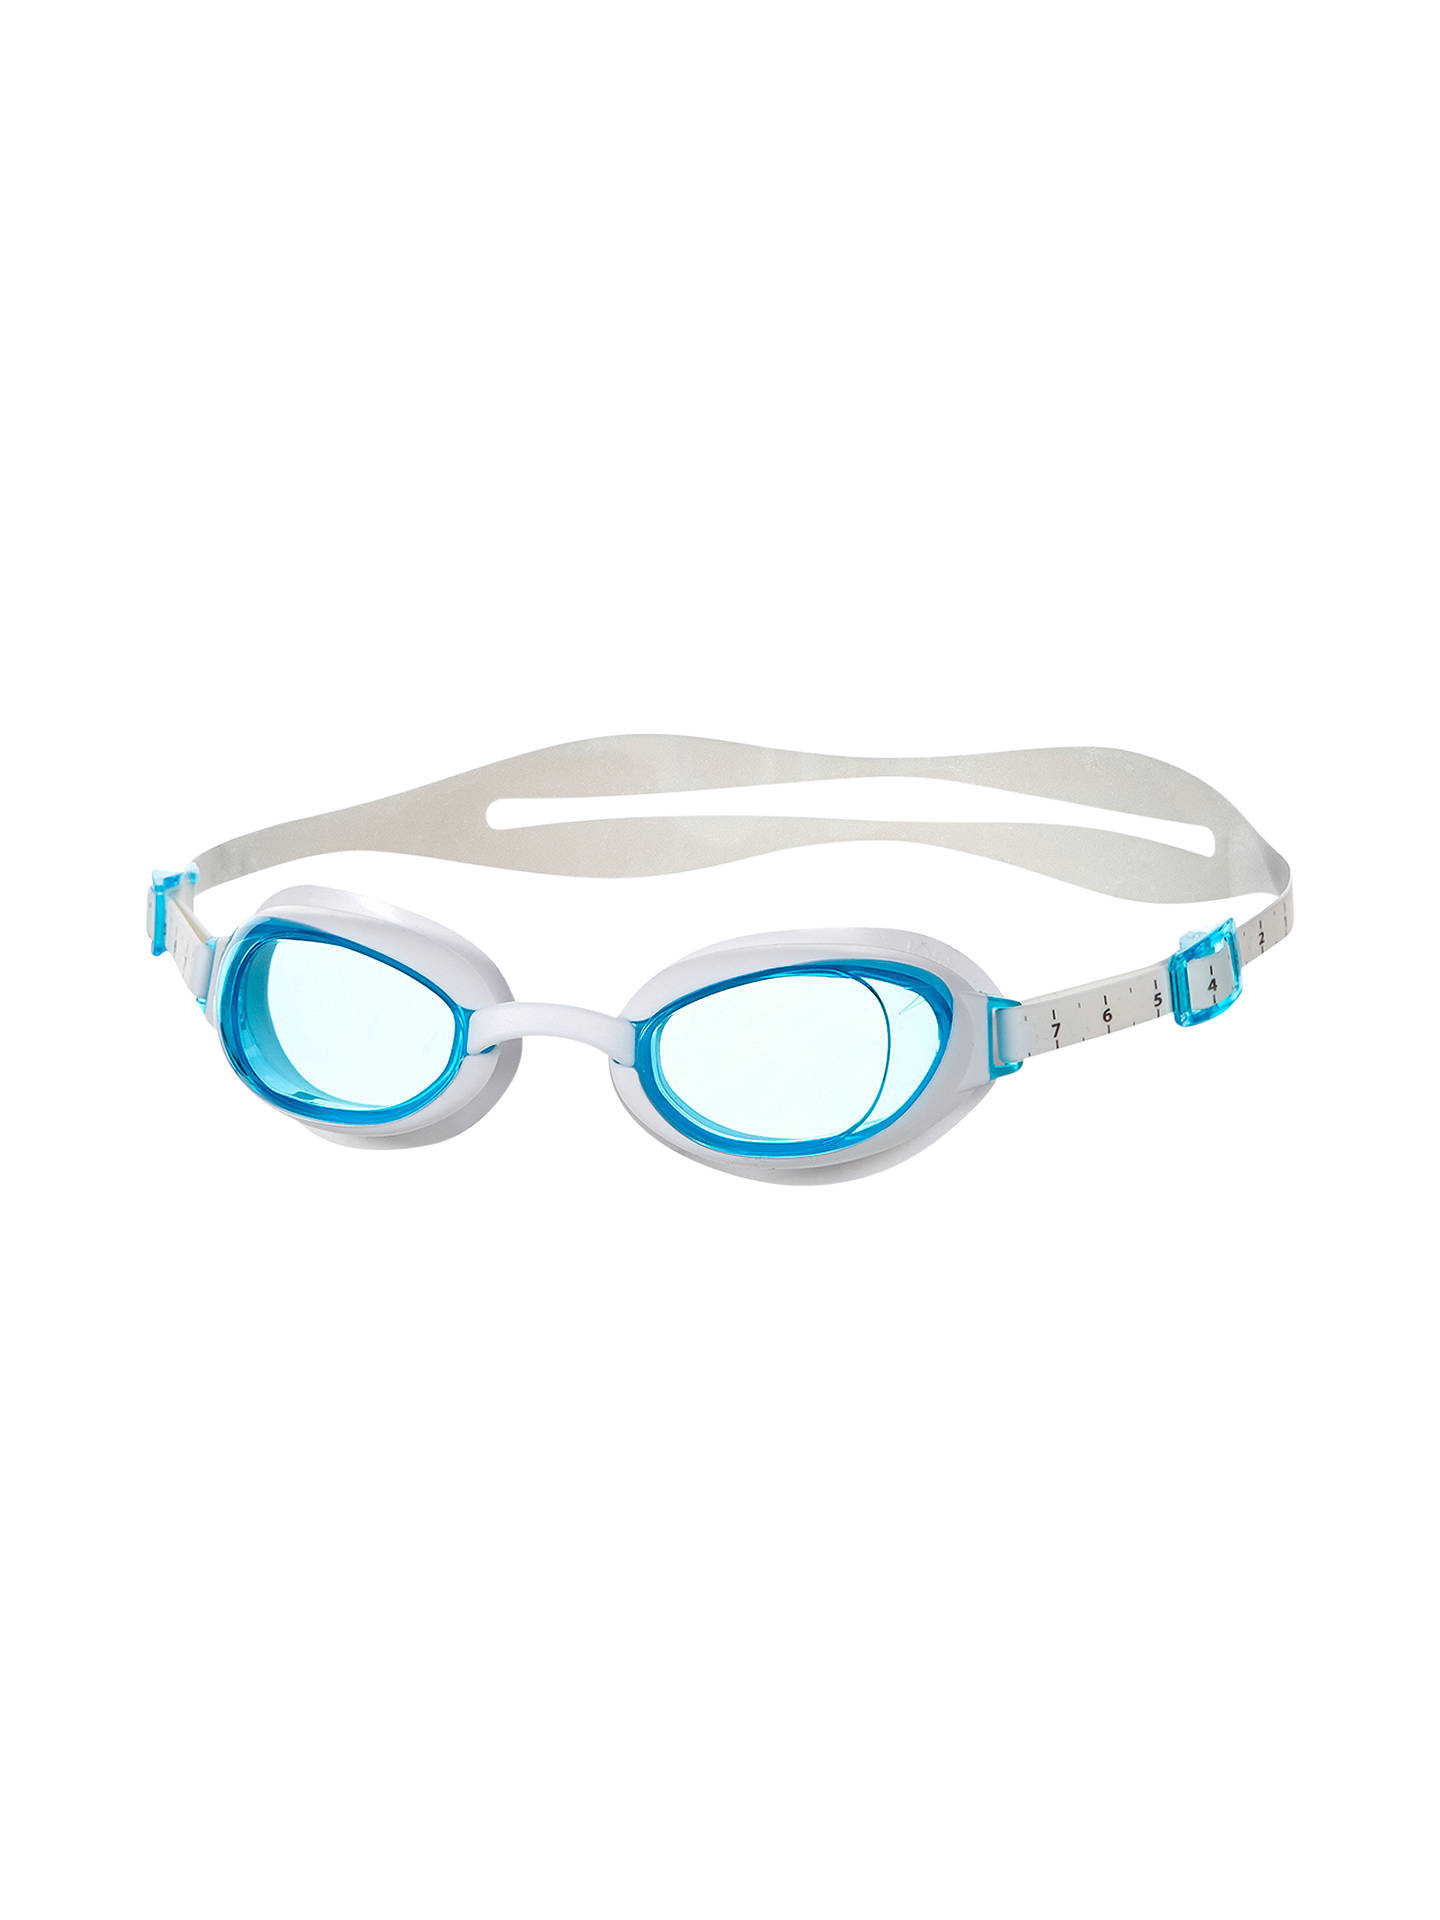 17d3d188af BuySpeedo Women s Aquapure IQfit Goggles